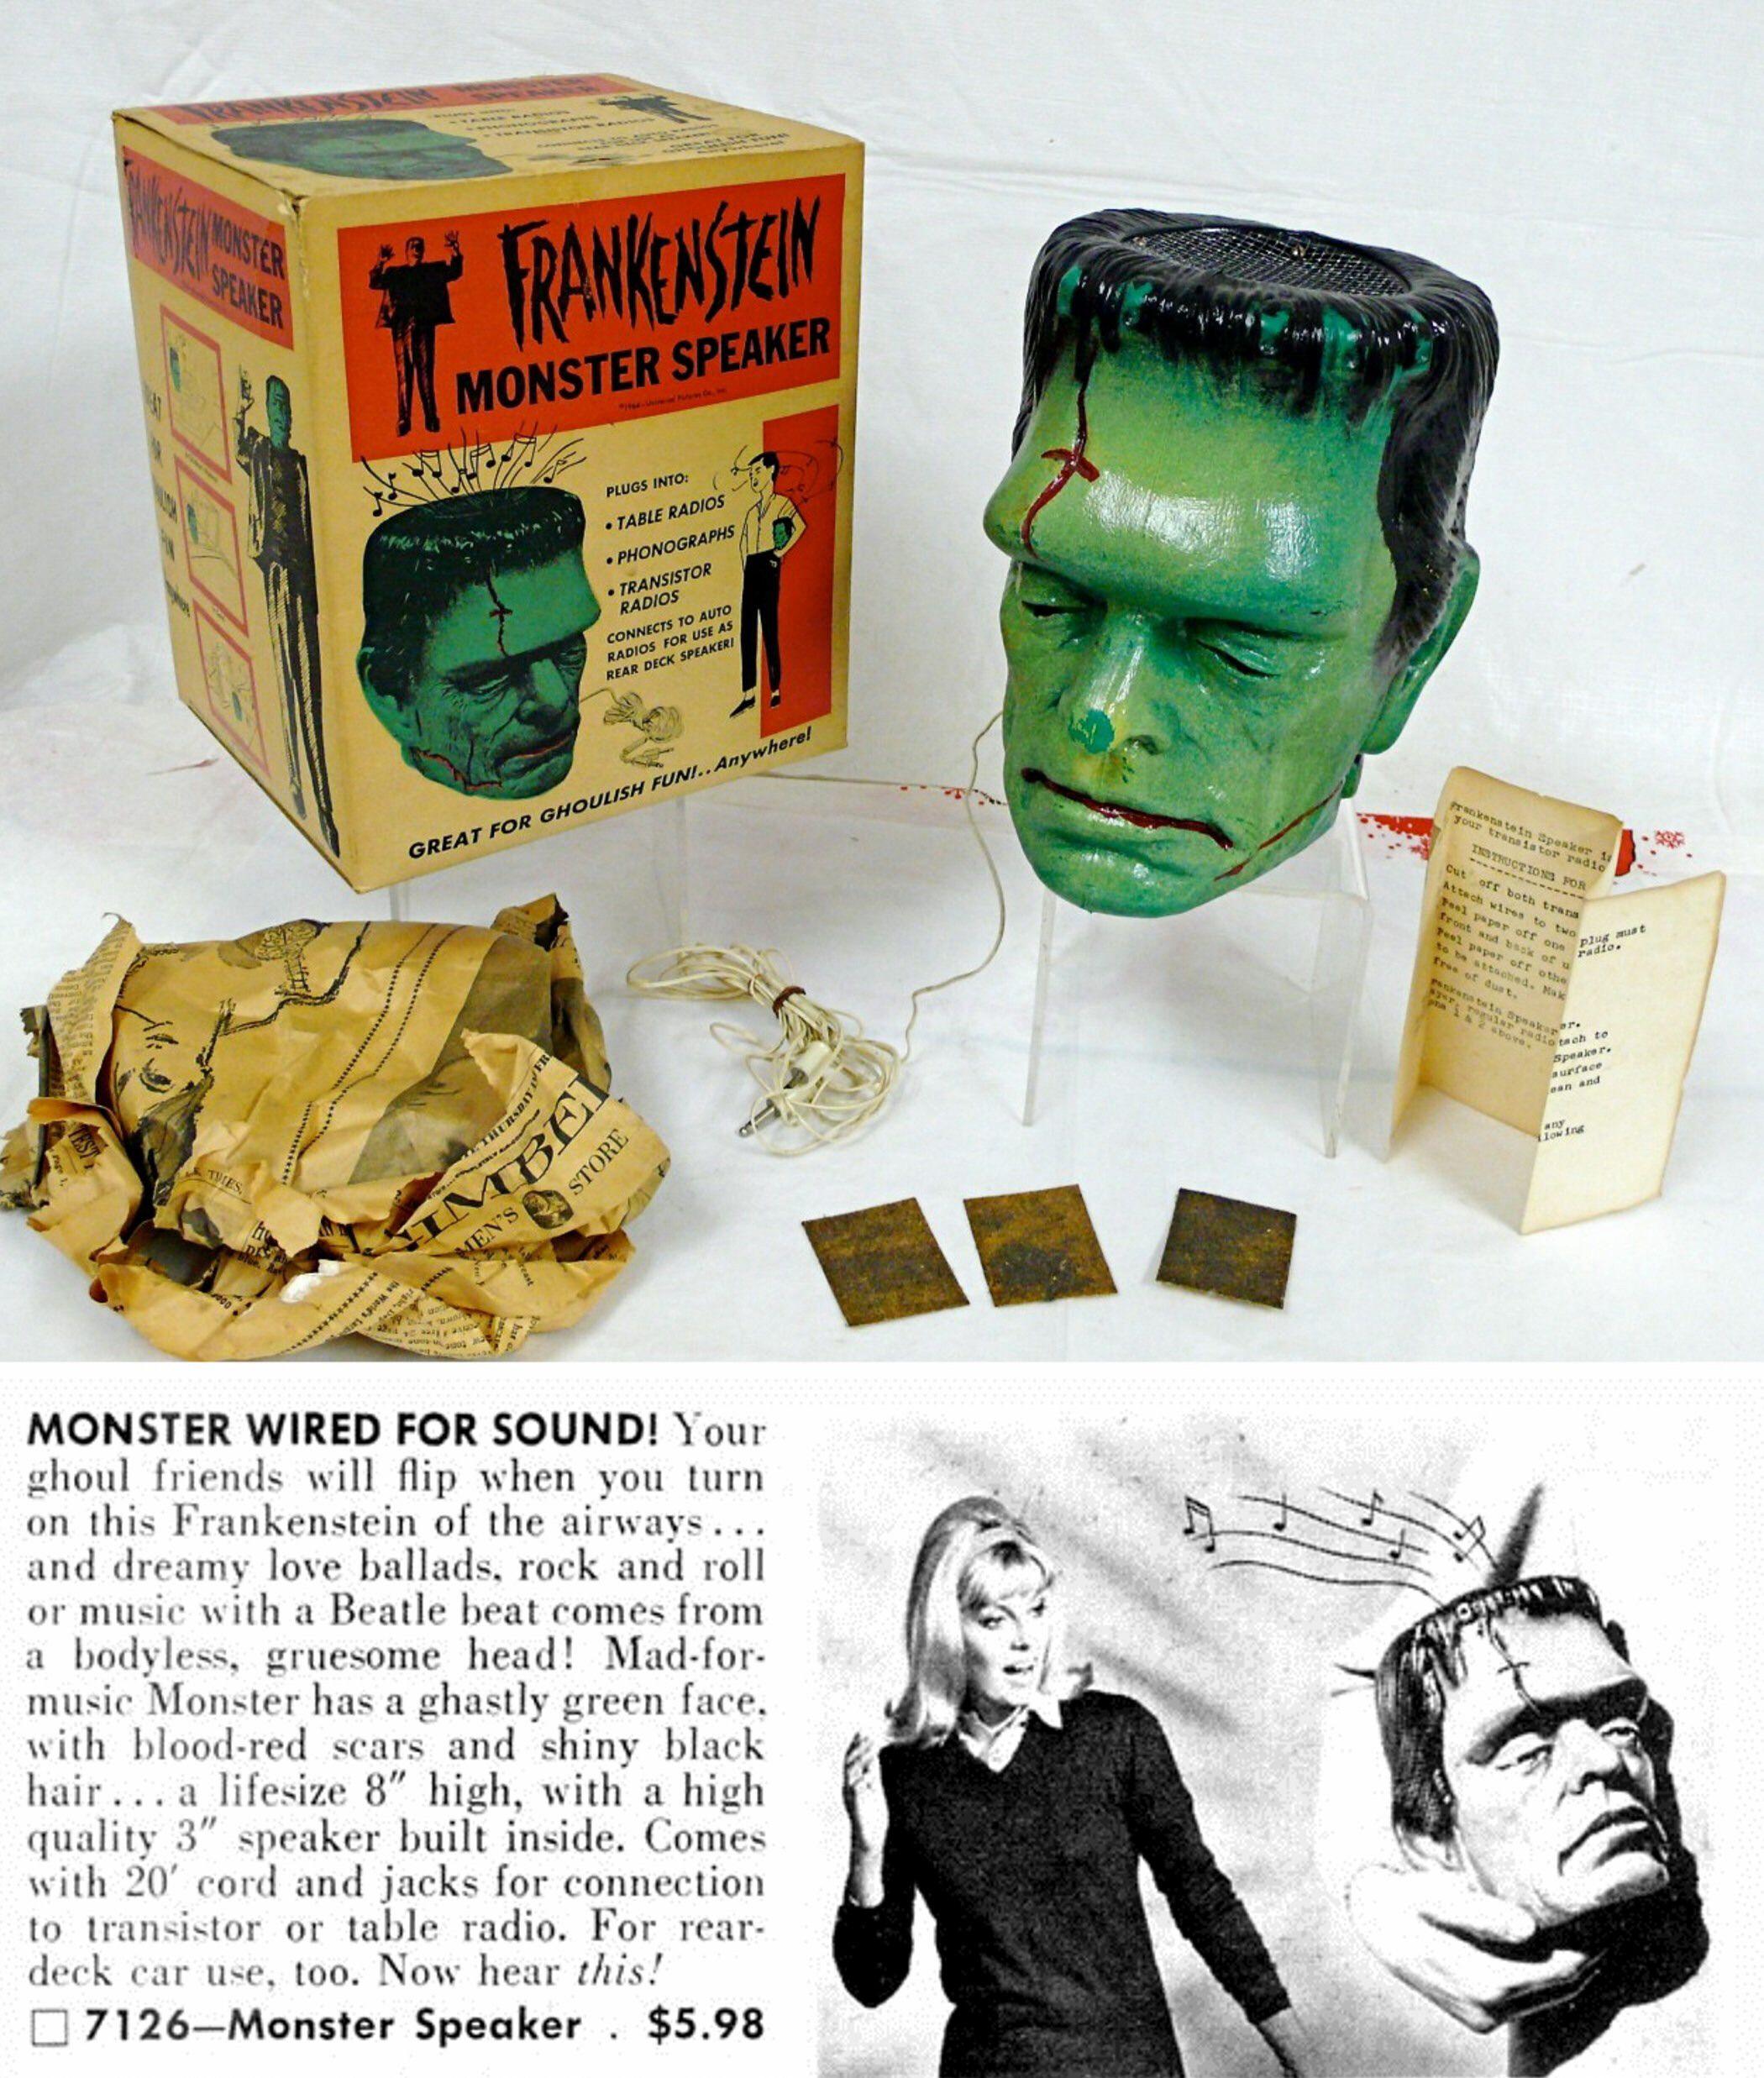 1960s Frankenstein Monster Speaker